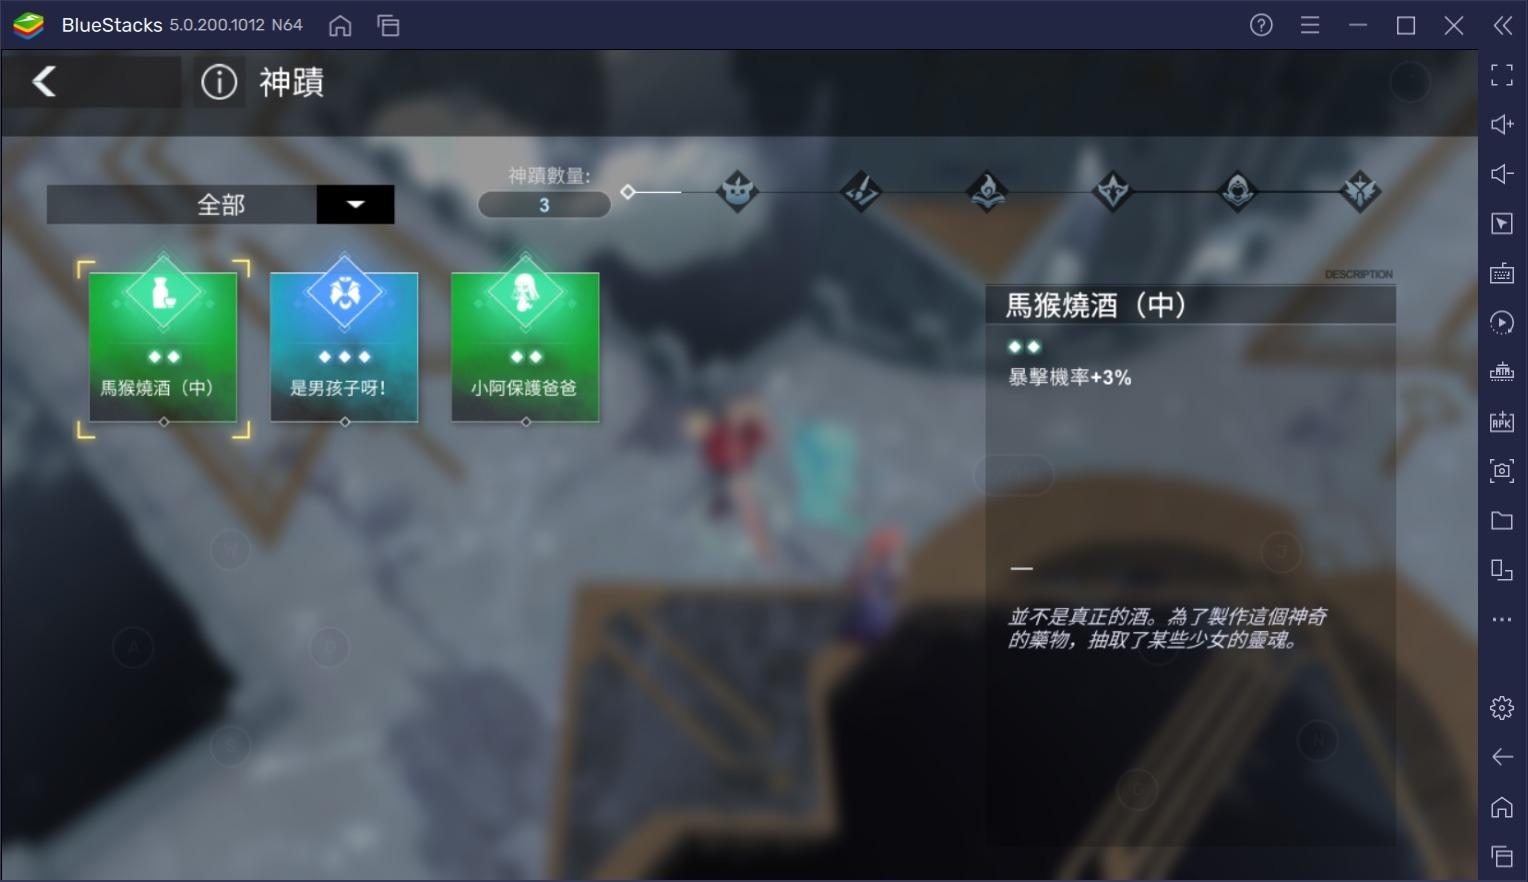 如何用BlueStacks在PC上玩神袛末日聖戰手遊《解神者》